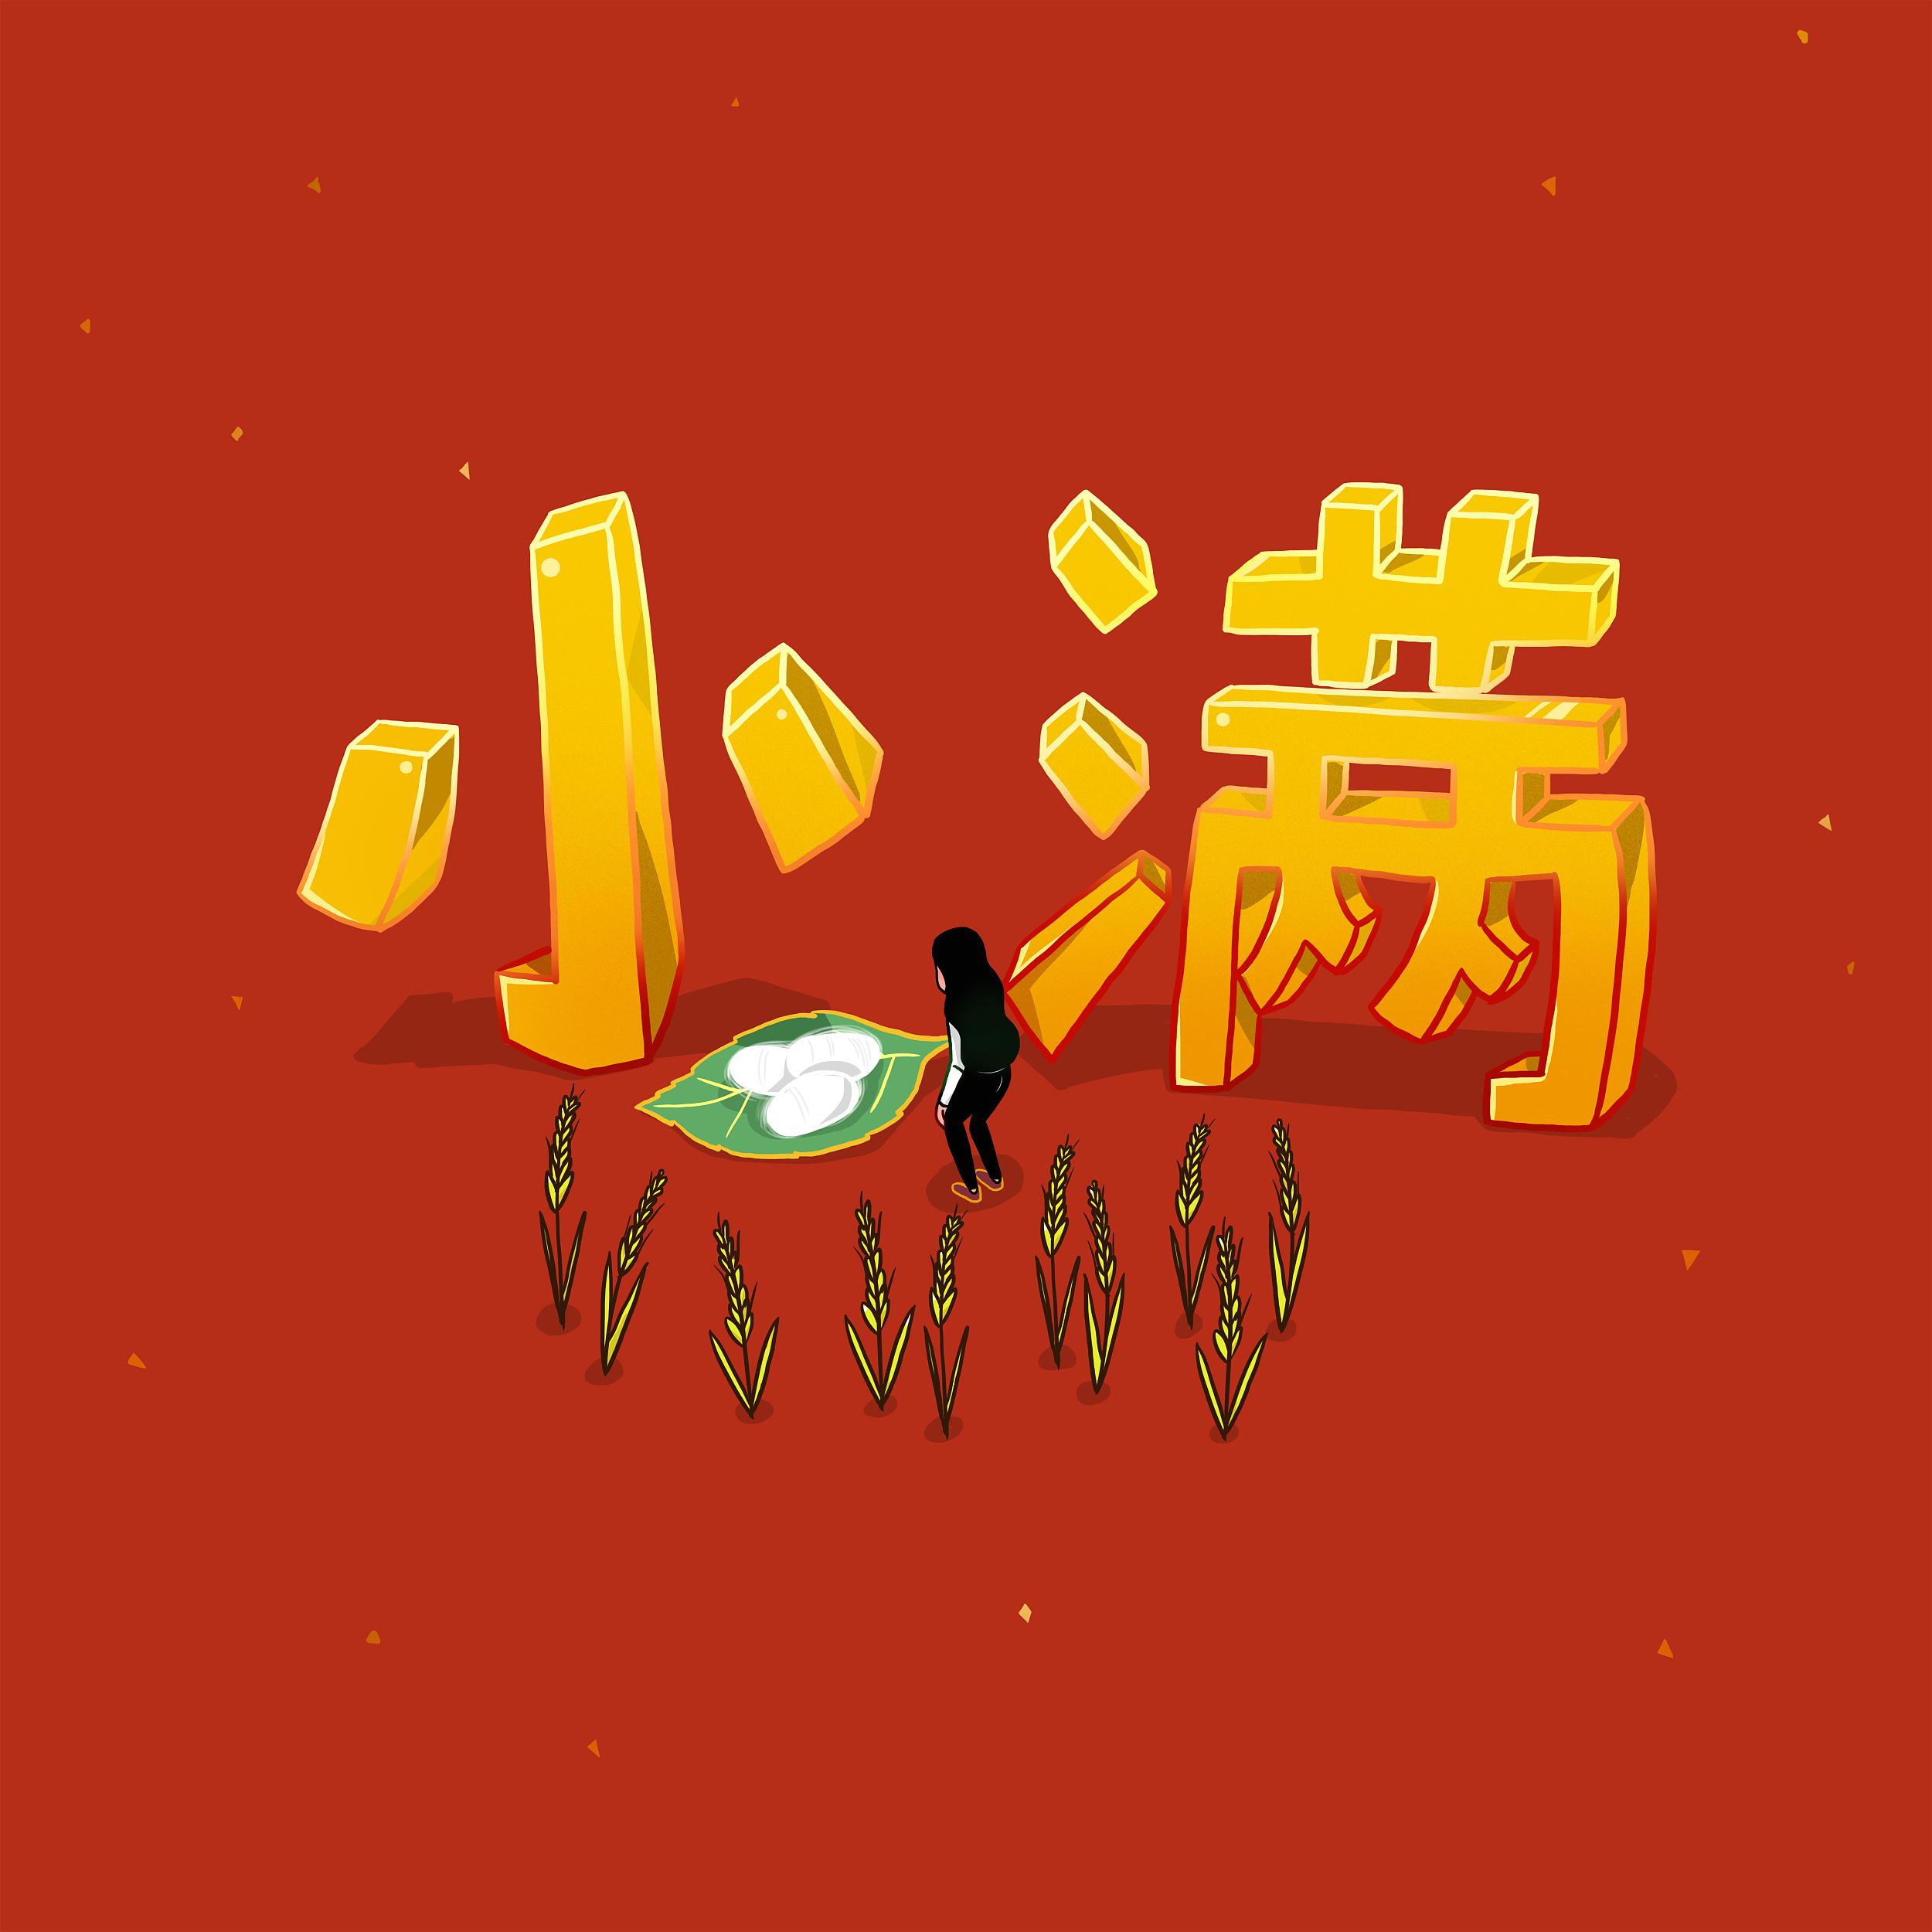 今日小满丨河北多地降雨 麦渐黄,稻花香 物致于此小得盈满